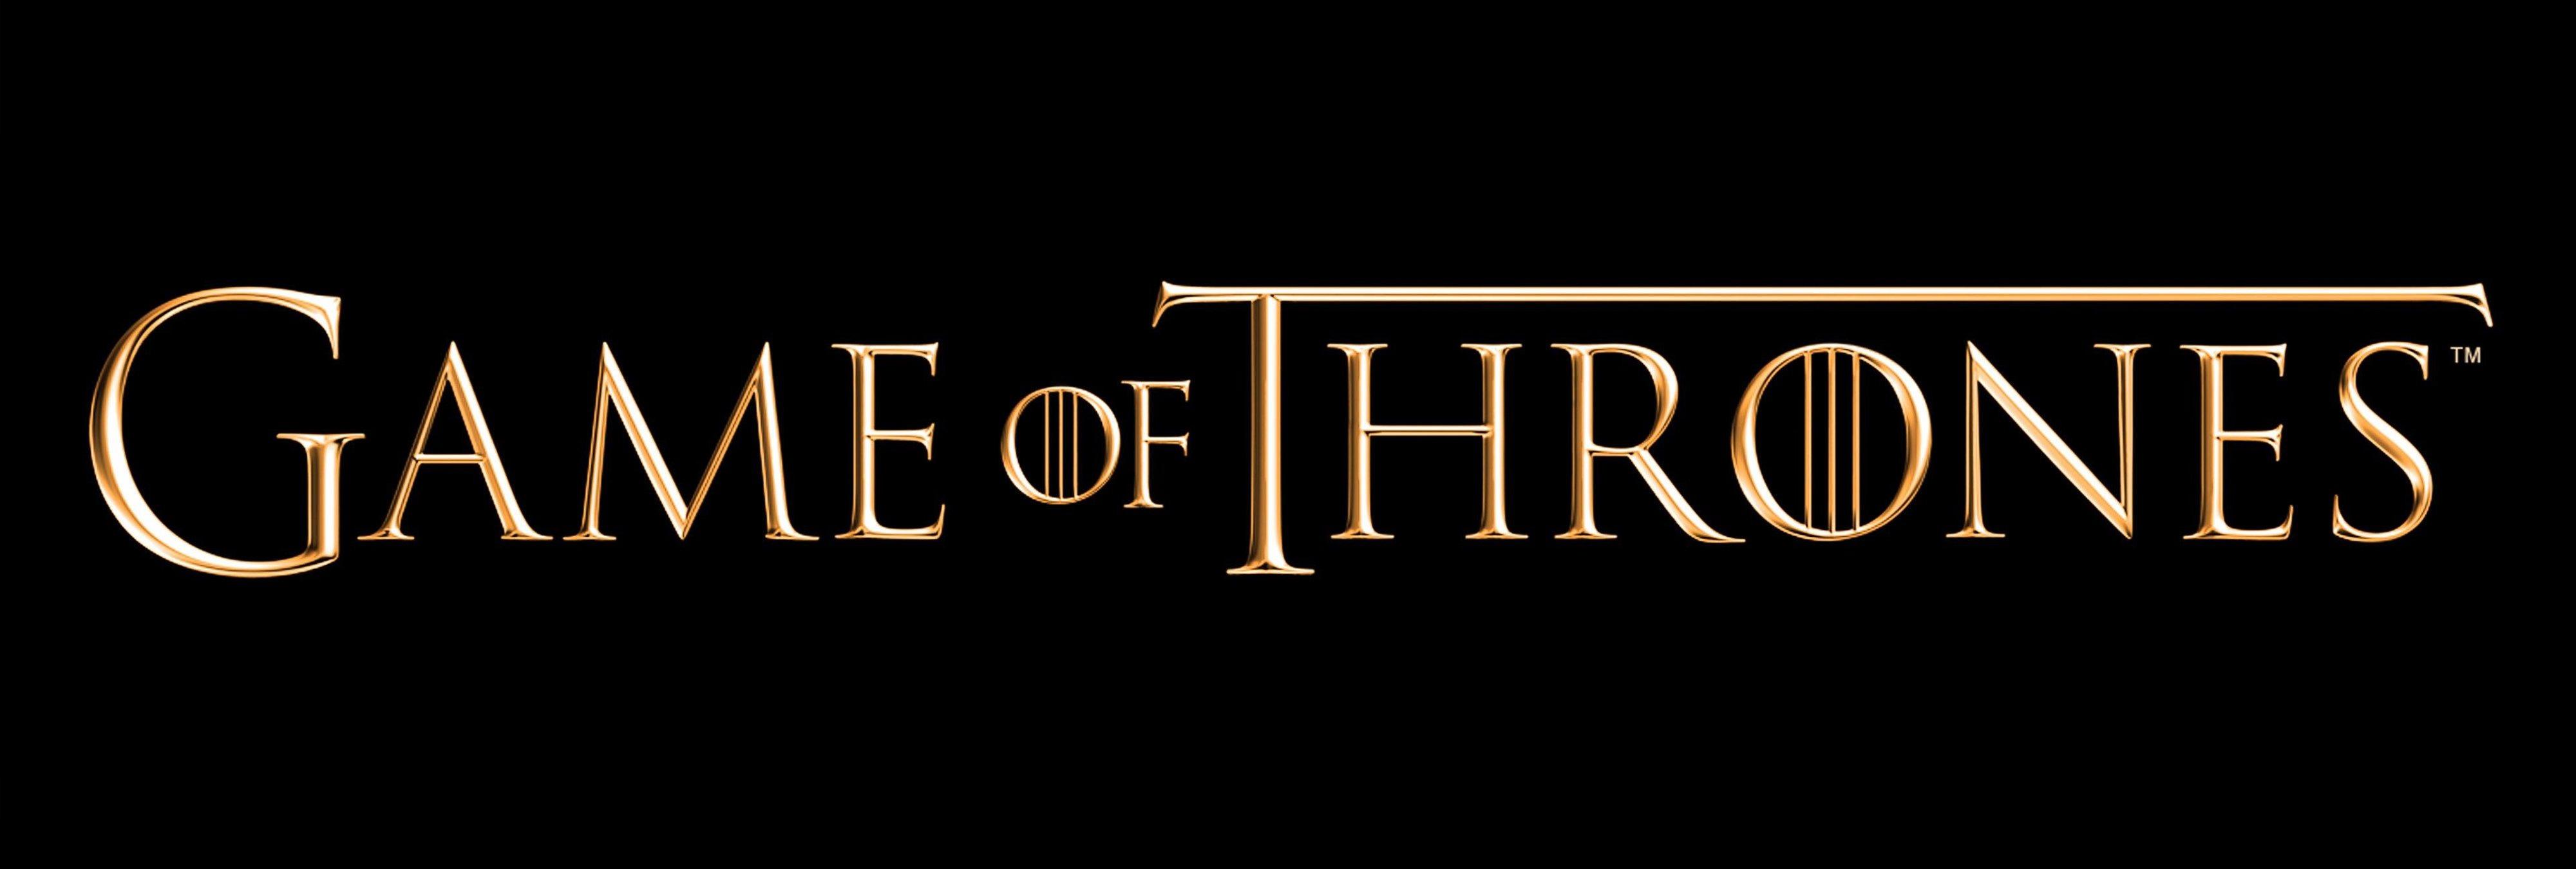 Las víctimas de 'Juego de tronos': las 129 muertes más impactantes